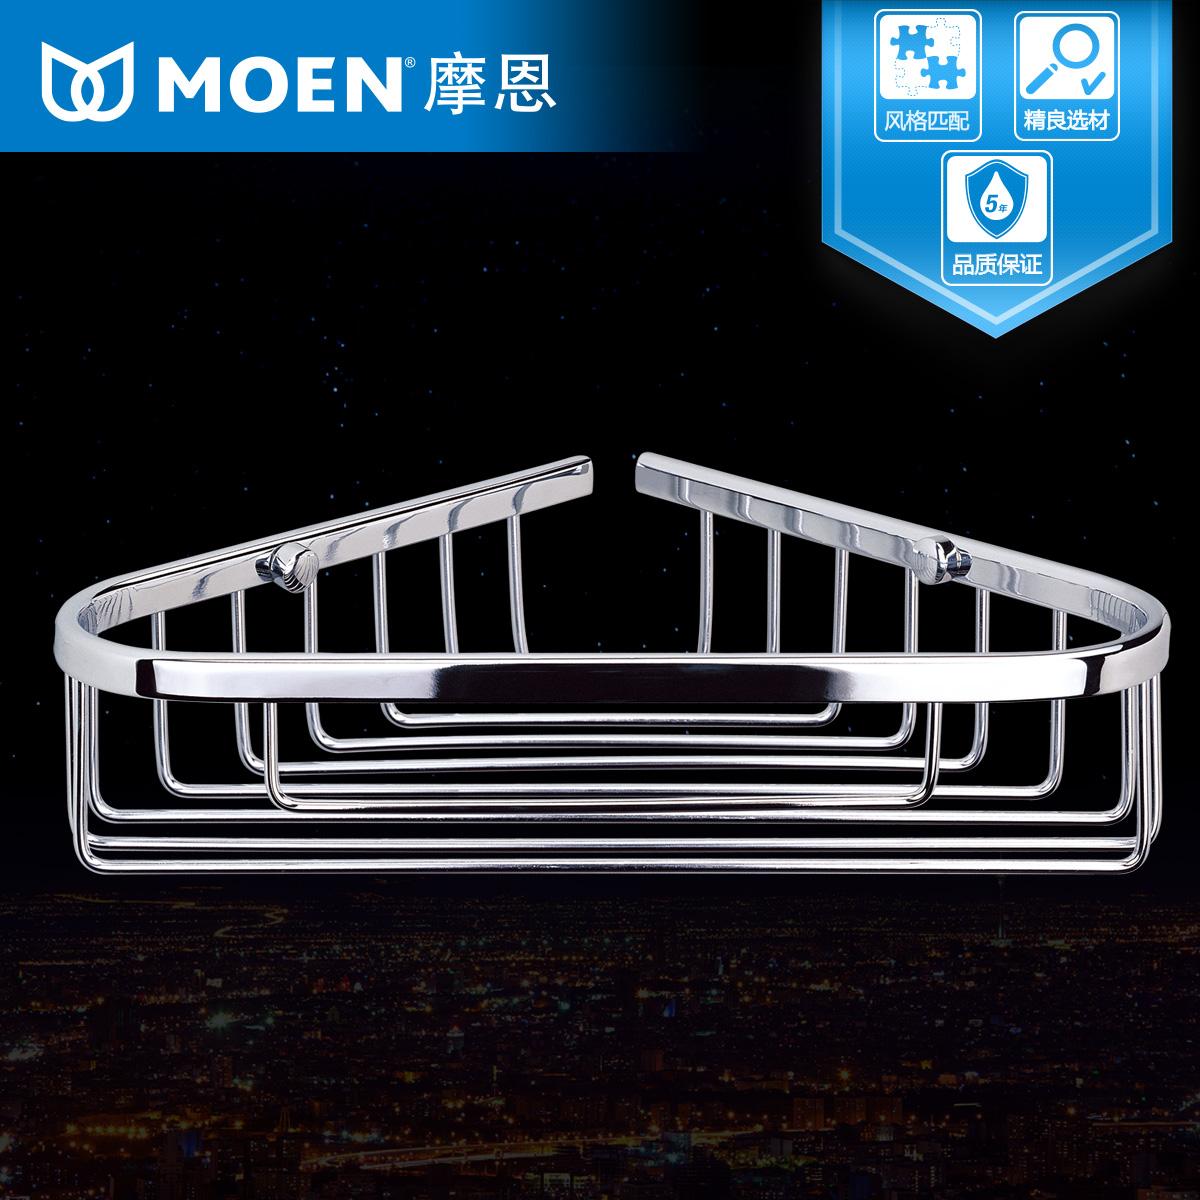 MOEN摩恩三角置物架浴室收納籃衛浴掛件雙層角籃